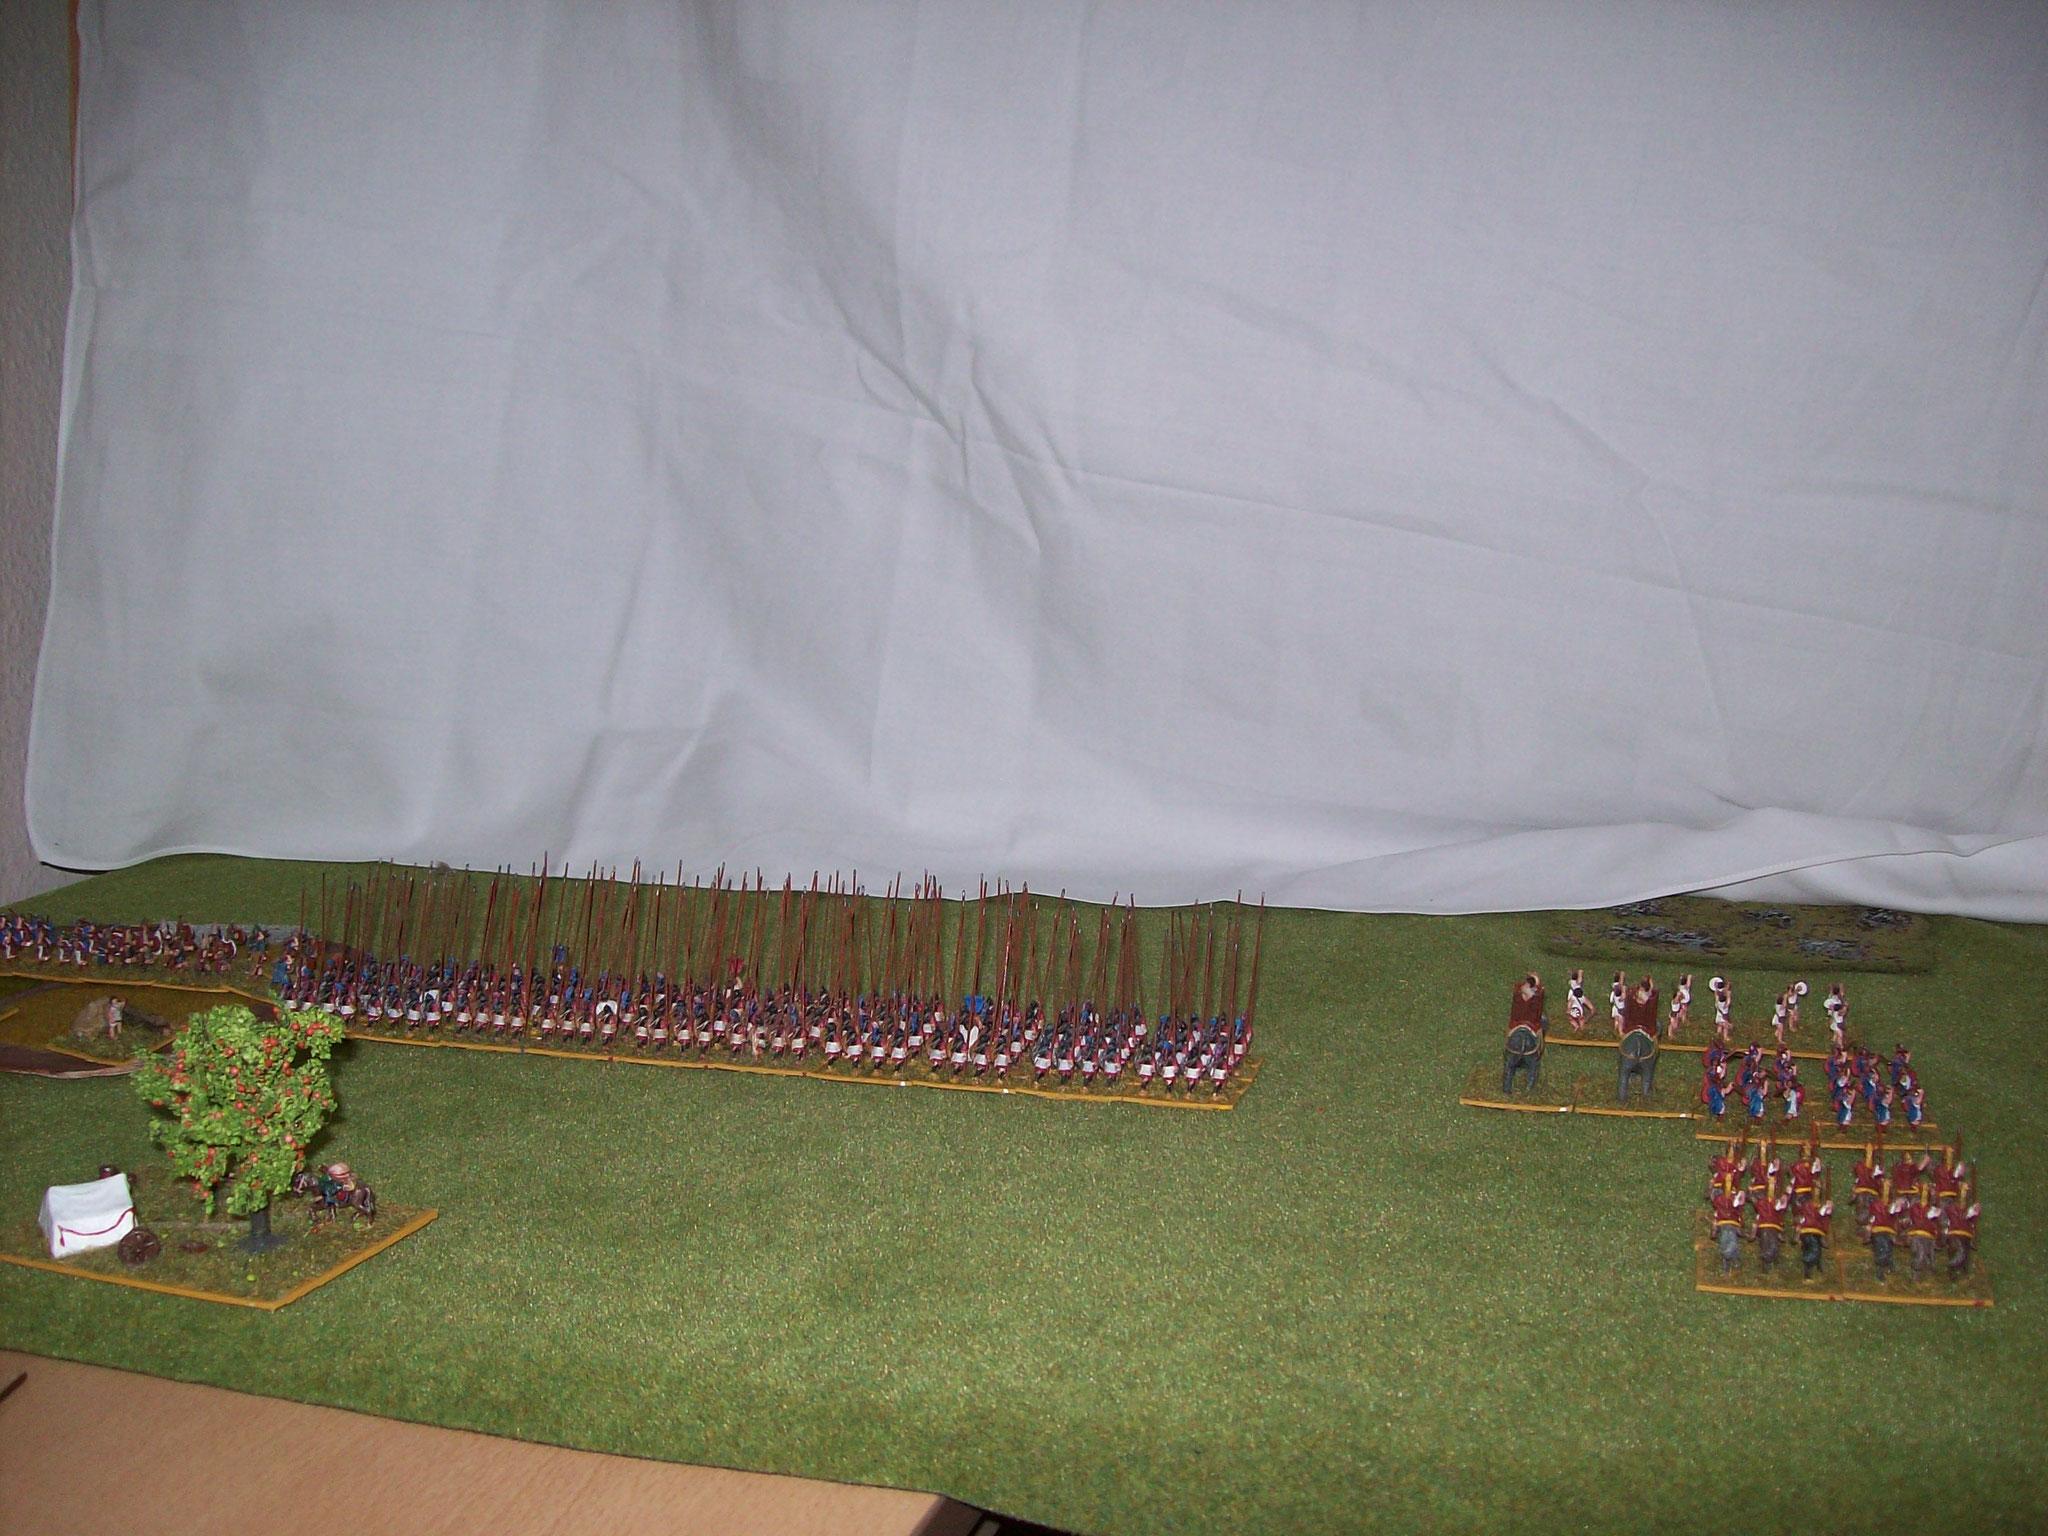 meine Armee vor der Nebelwand, hinter der die meines Mitspielers steht